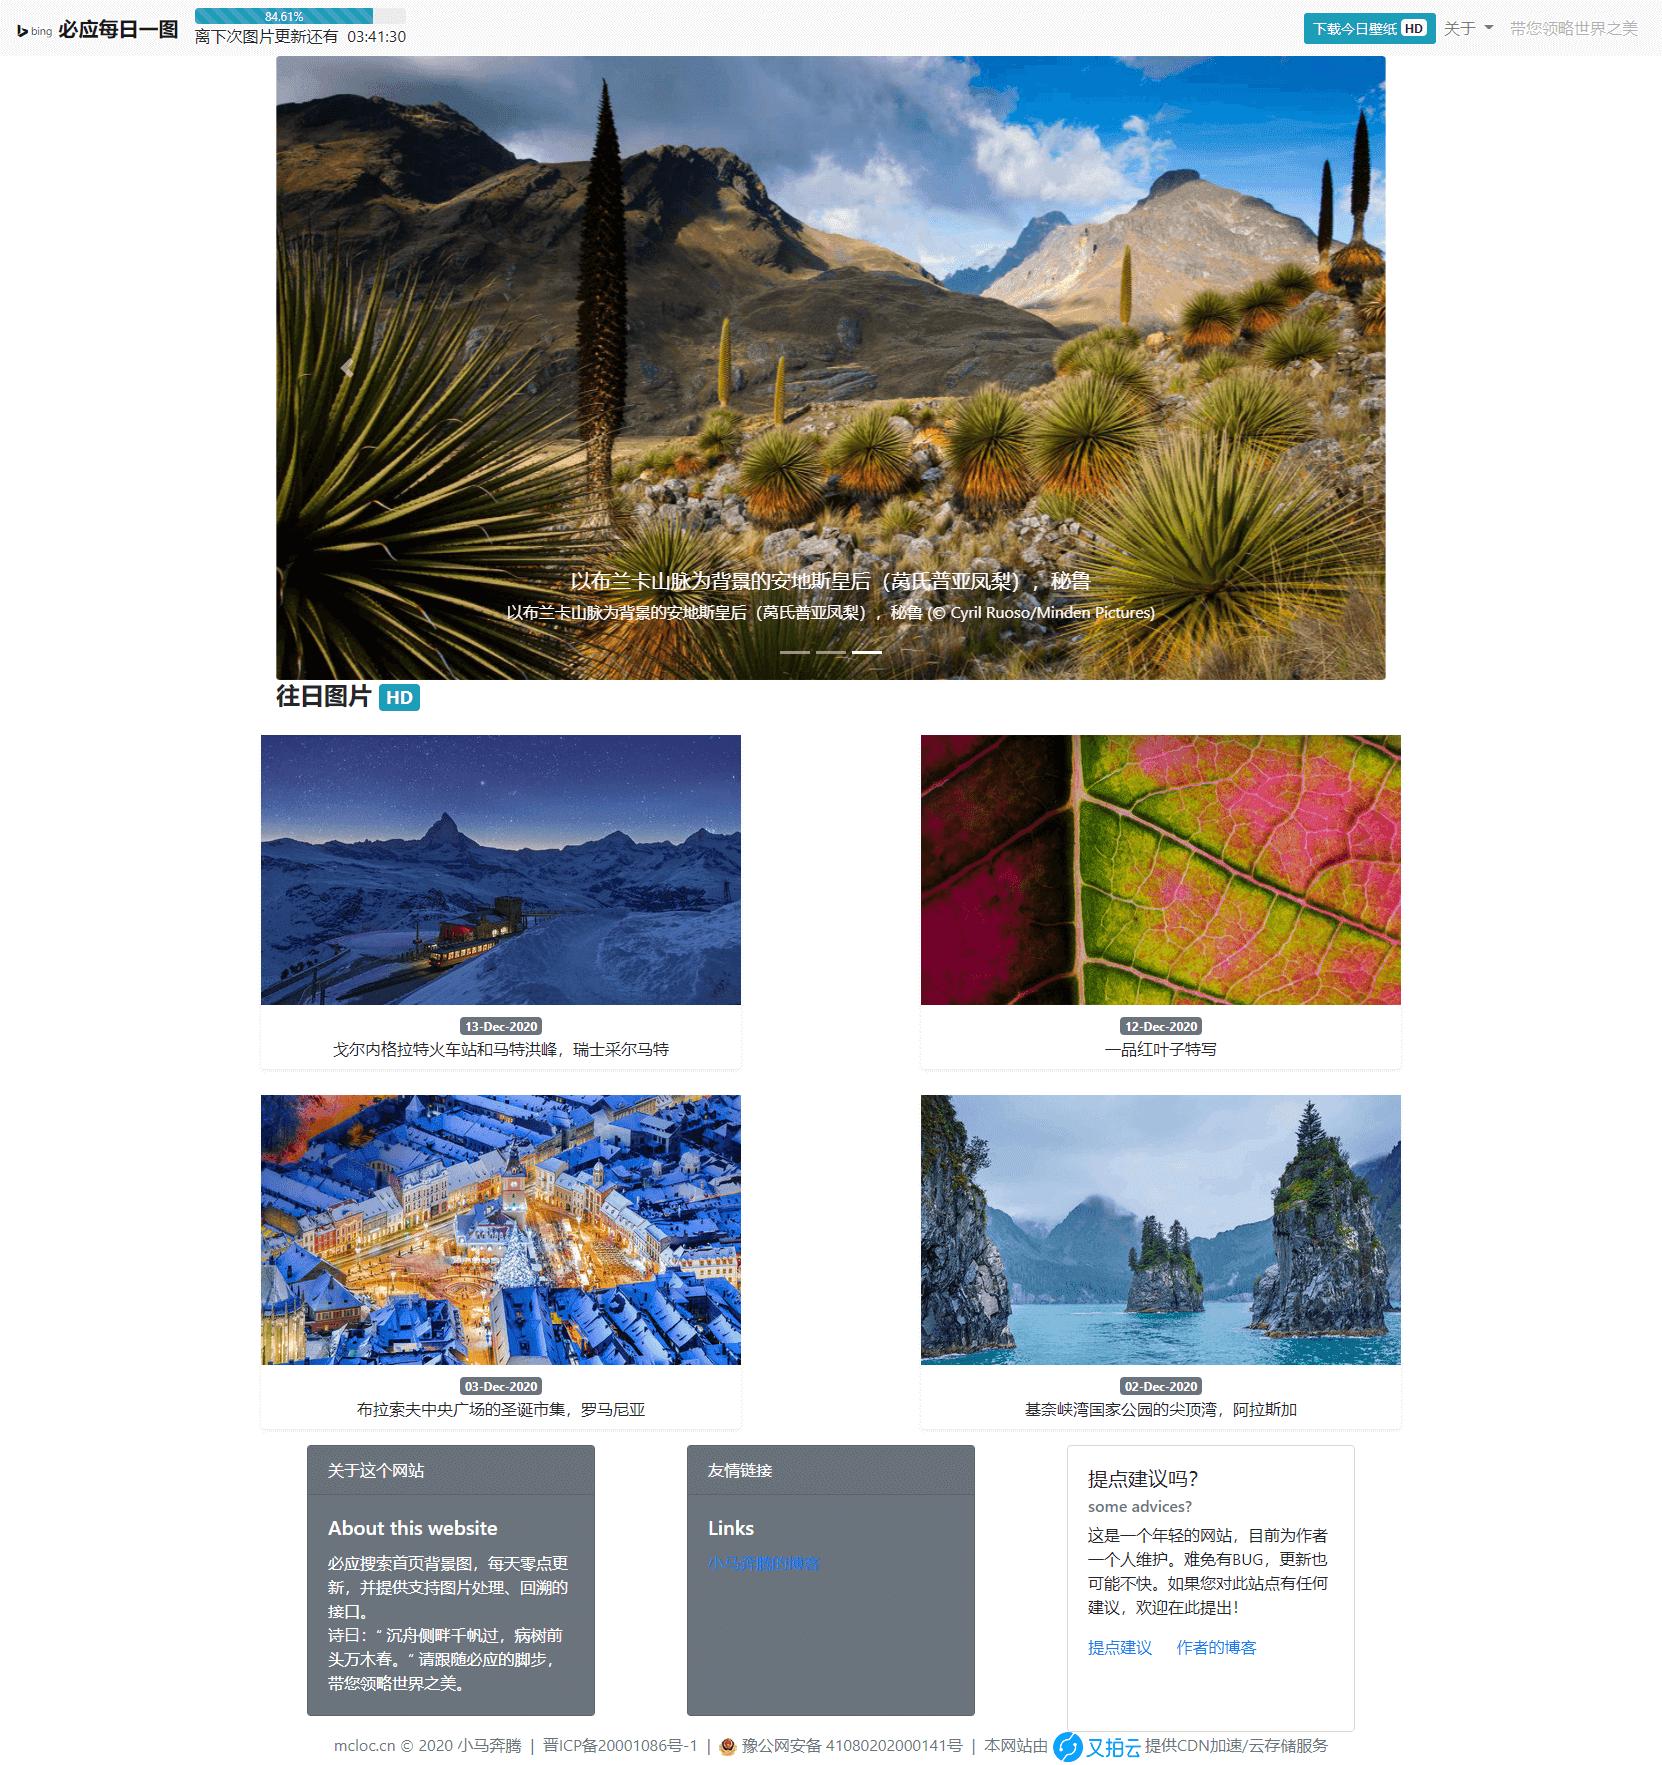 必应每日一图HTML网站源码 可搭配又拍云使用